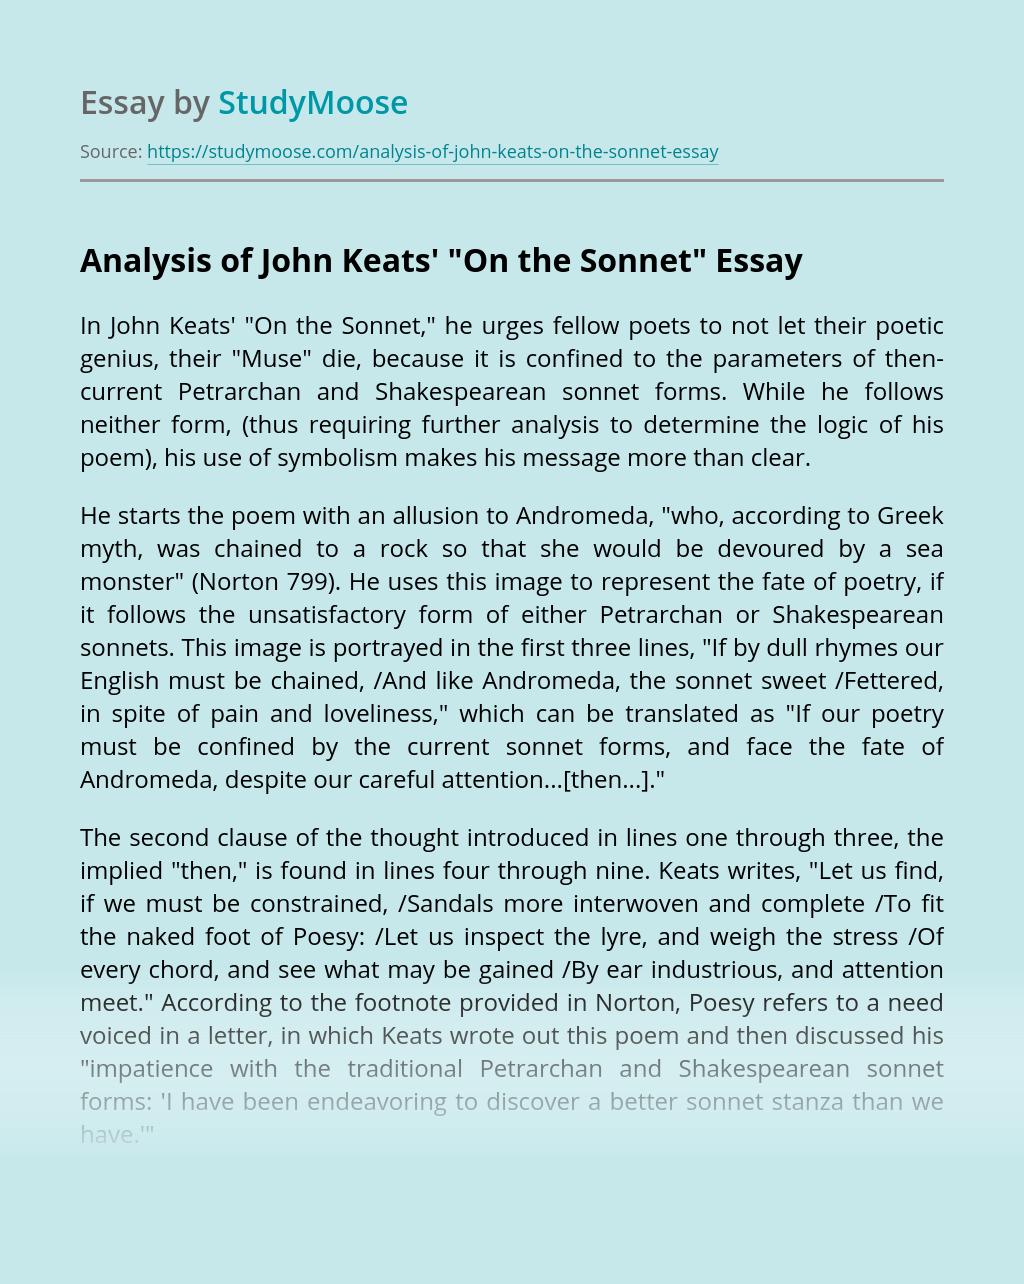 Nys regents critical lens essay rubric